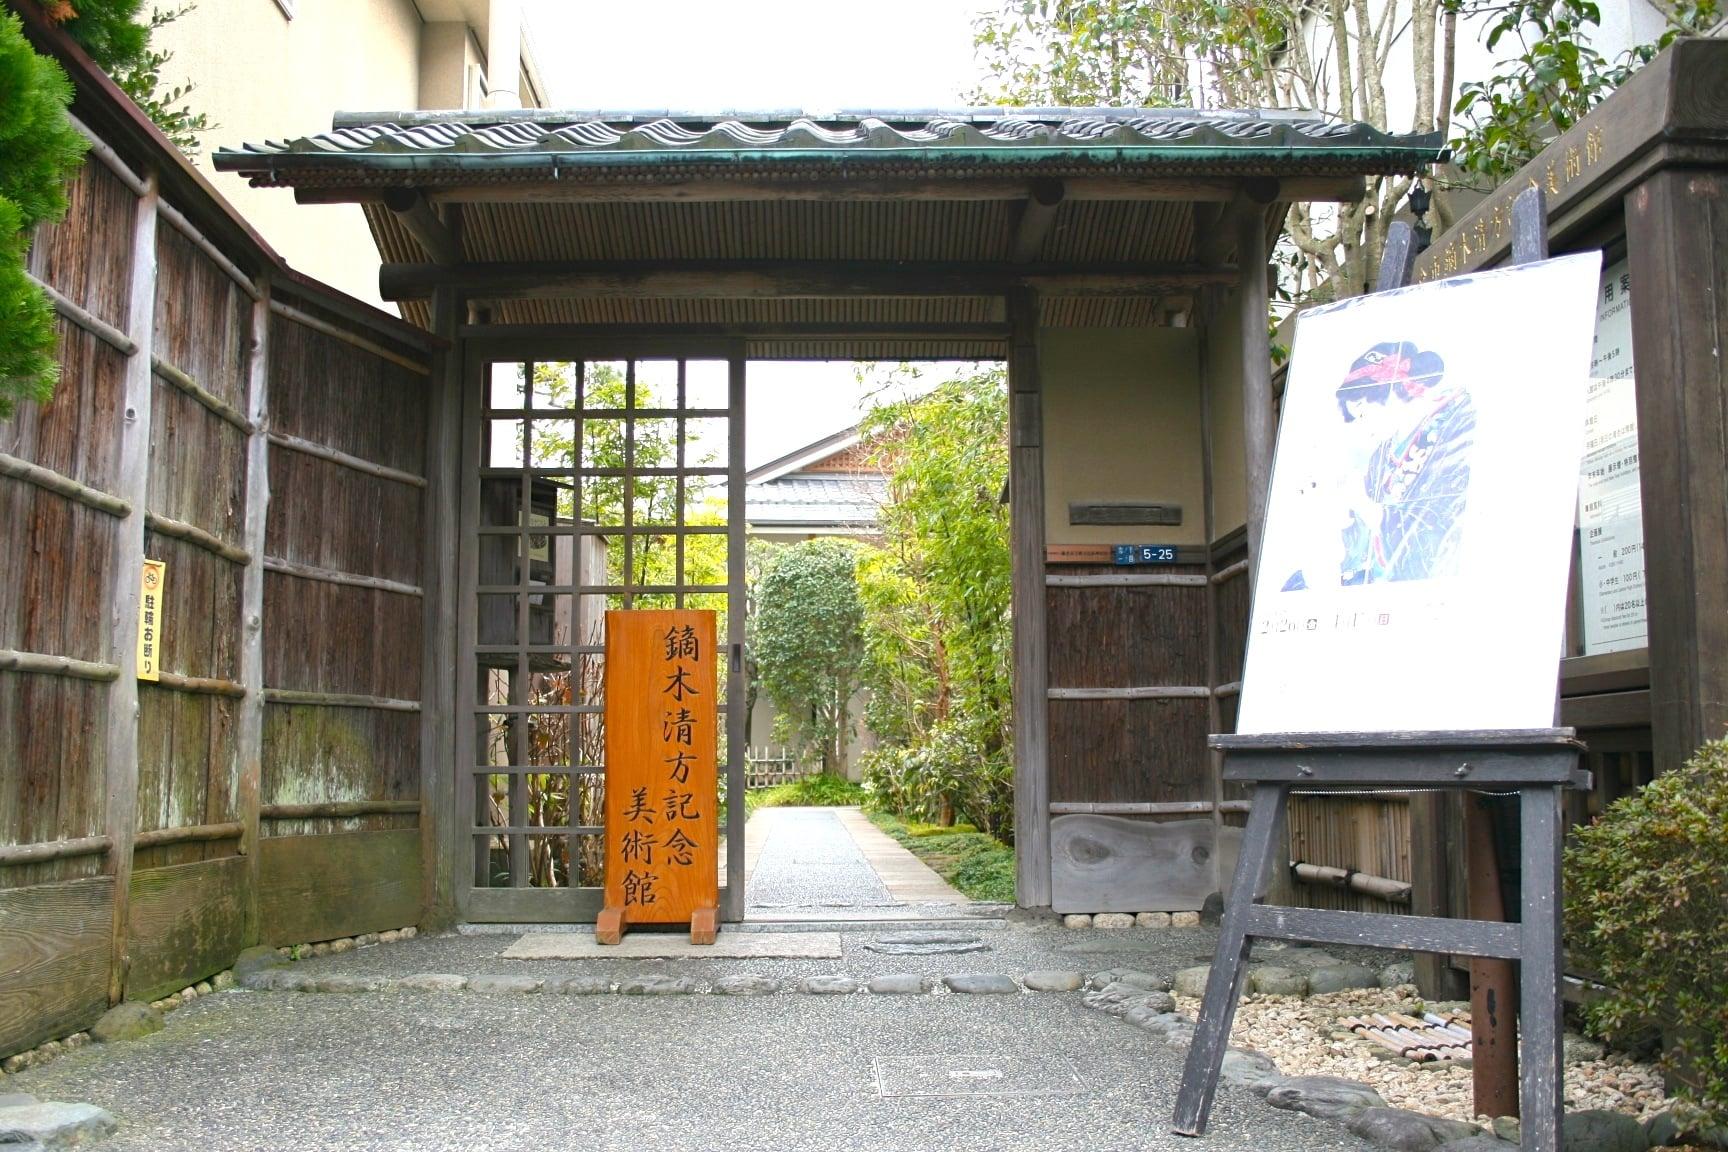 鎌倉市鏑木清方記念美術館